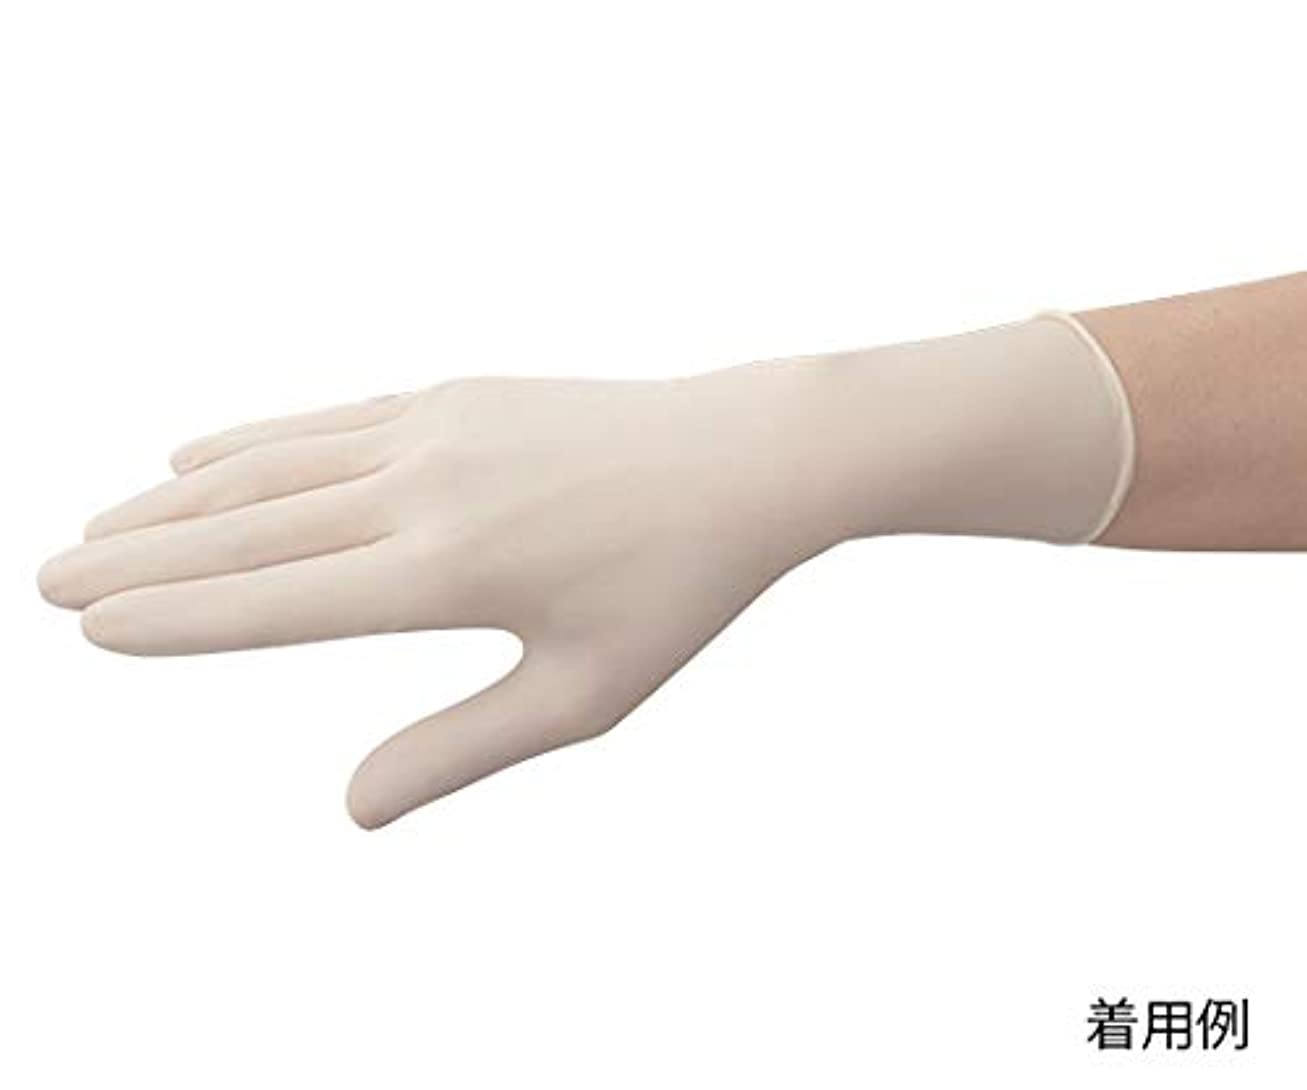 東部上げるラベンダー東レ?メディカル 手術用手袋メディグリップ パウダーフリー50双 8170MG